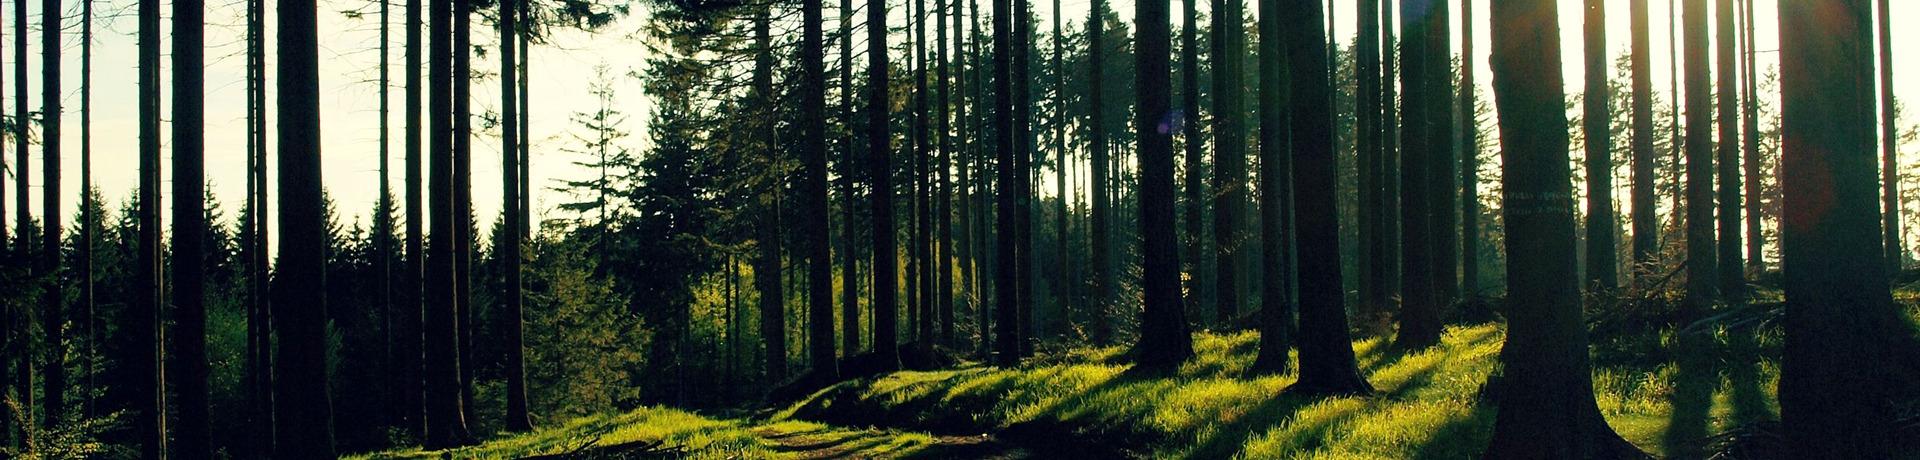 【图解】绿色发展70年之森林旅游:数据有话说